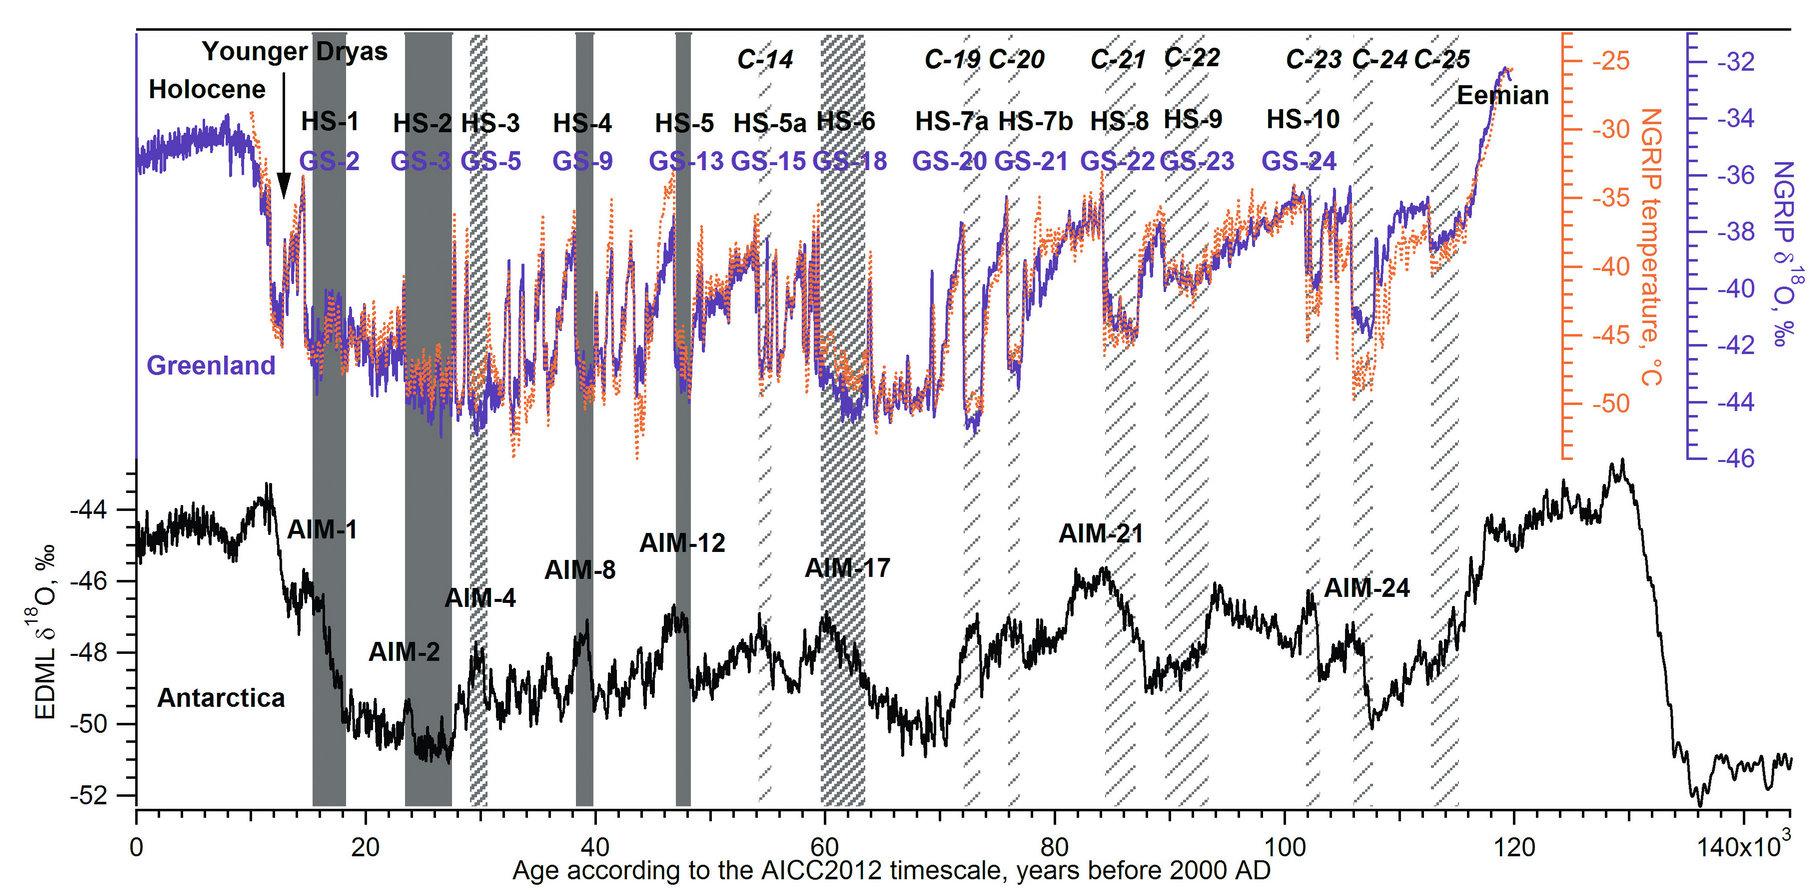 Рис. 5: Хронология важных климатических явлений за последний ледниковый период (~ последние 120 000 лет), зарегистрированных в кернах полярного льда, и приблизительное относительное положение событий Хайнриха, первоначально зарегистрированных в кернах морских отложений из Северной Атлантики. Светло-фиолетовая линия: δ18O из ледяной колонки NGRIP (Гренландия), в пермилях (группа NGRIP, 2004). Оранжевые точки: восстановленные температуры на буровой площадки NGRIP (Kindler et al., 2014). Темно-фиолетовая линия: δ18O из ледяной колонки EDML (Антарктида), в пермилях (группа сообщества EPICA, 2006). Серые области: основные события Хайнриха, в основном для Лаврентийского ледникового щита (H1, H2, H4, H5). Серая штриховка: основные события Хайнриха, в основном для европейского континента (H3, H6). Светло-серая штриховка и номера от C-14 до C-25: второстепенные слои IRD, зарегистрированные в колонках морских отложений Северной Атлантики (Chapman et al., 1999). От HS-1 до HS-10: Стадиалы Хайнриха (HS, Heinrich, 1988; Rasmussen et al., 2003; Rashid et al., 2003). От GS-2 до GS-24: Гренландский стадиал (GS, Rasmussen et al., 2014). AIM-1 — AIM-24: Антарктический изотопный максимум (AIM, группа сообщества EPICA, 2006). Записи ледяных кернов Антарктиды и Гренландии показаны в их общей временной шкале AICC2012 (Bazin et al., 2013; Veres et al., 2013)